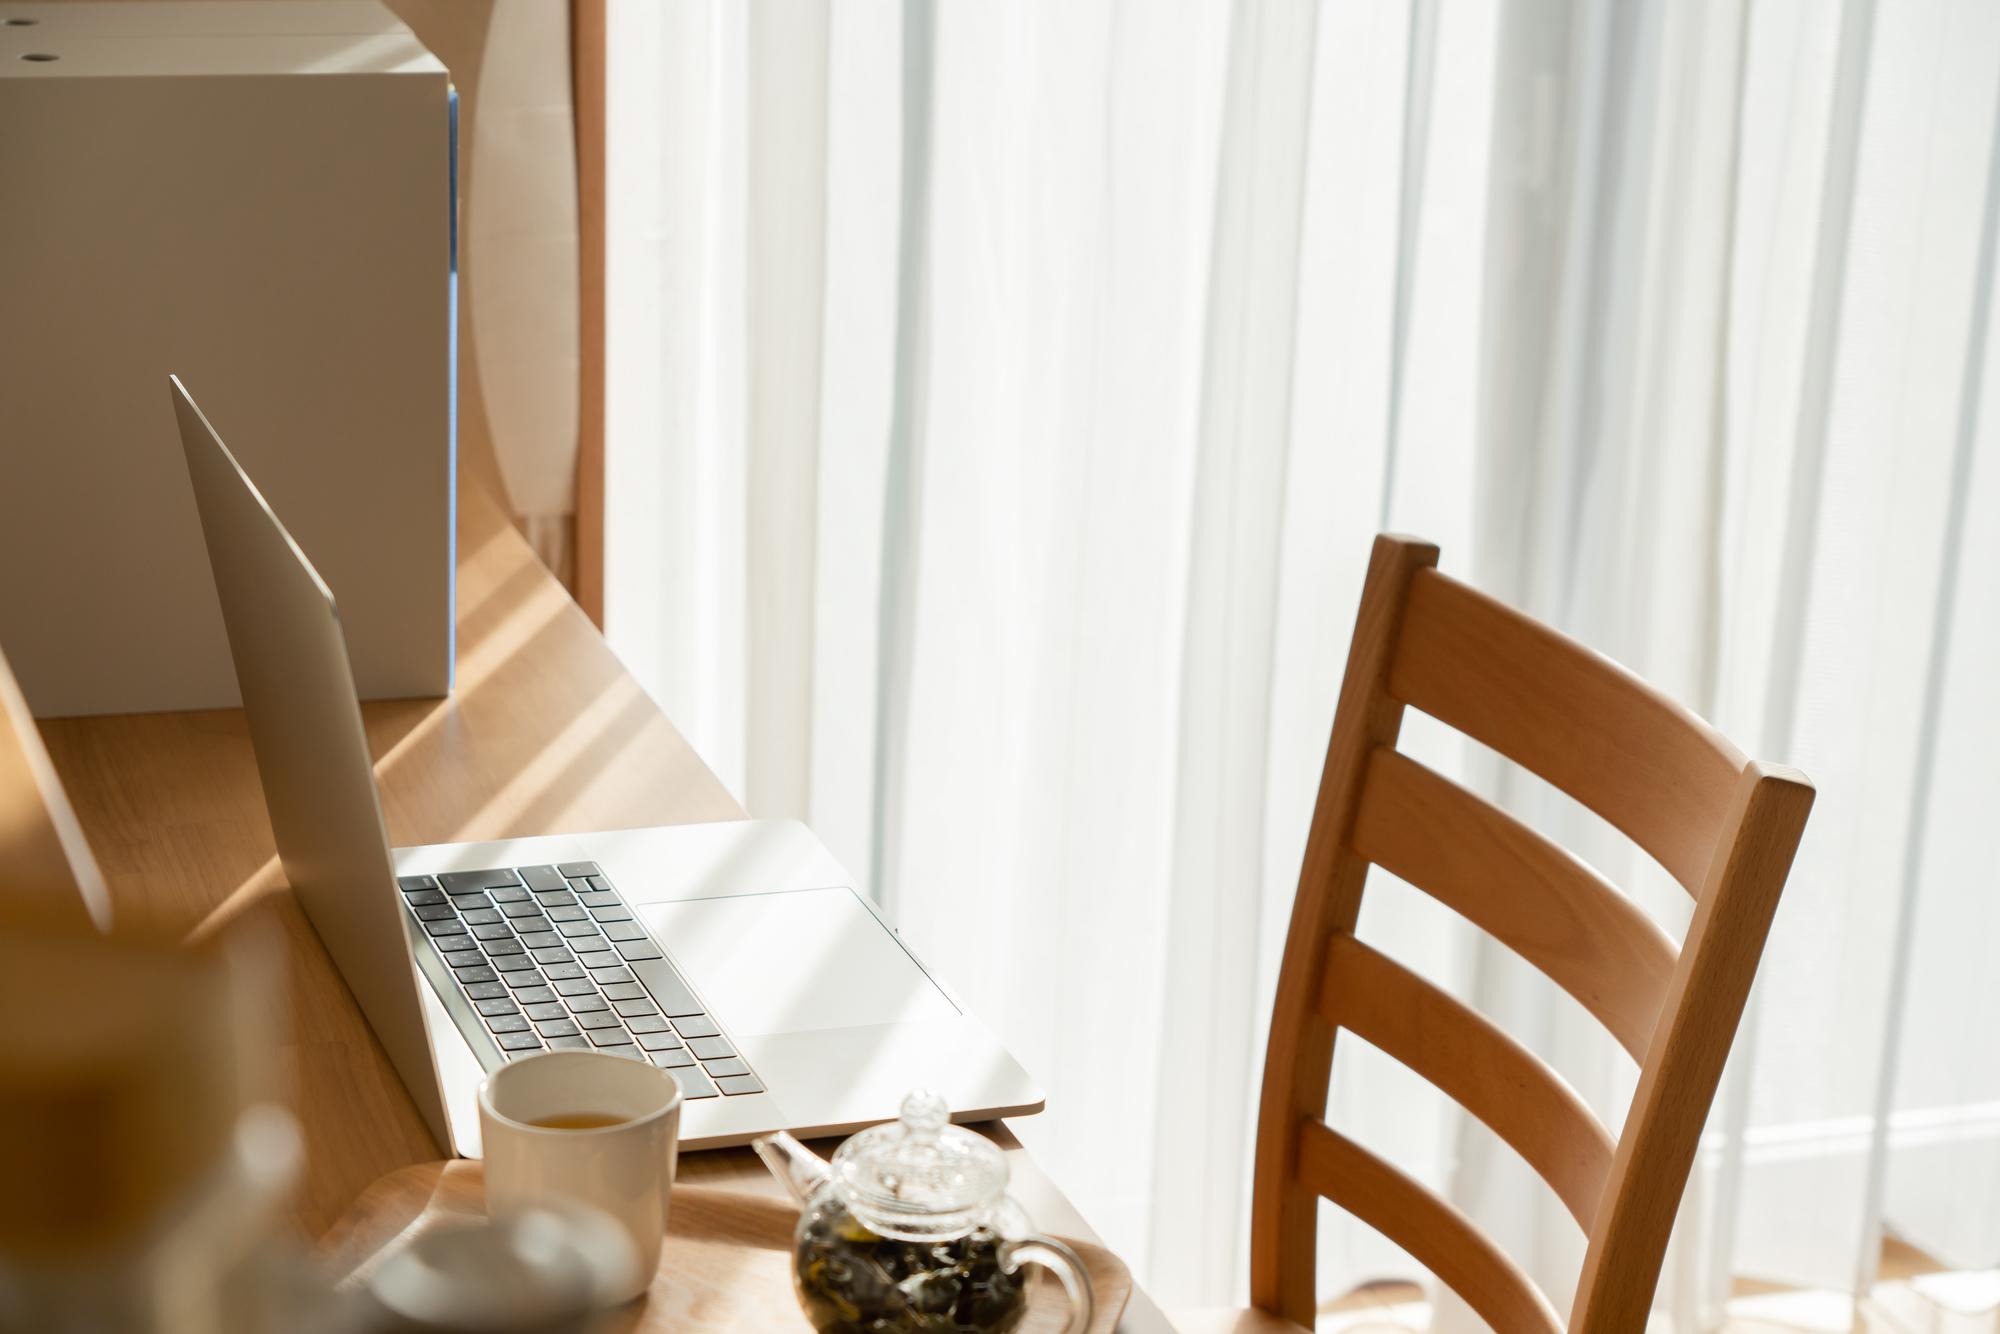 最適な環境で効率UP!テレワークにおすすめのレンタルスペース3選|TIME SHARING|タイムシェアリング |スペースマネジメント|あどばる|adval|SHARING